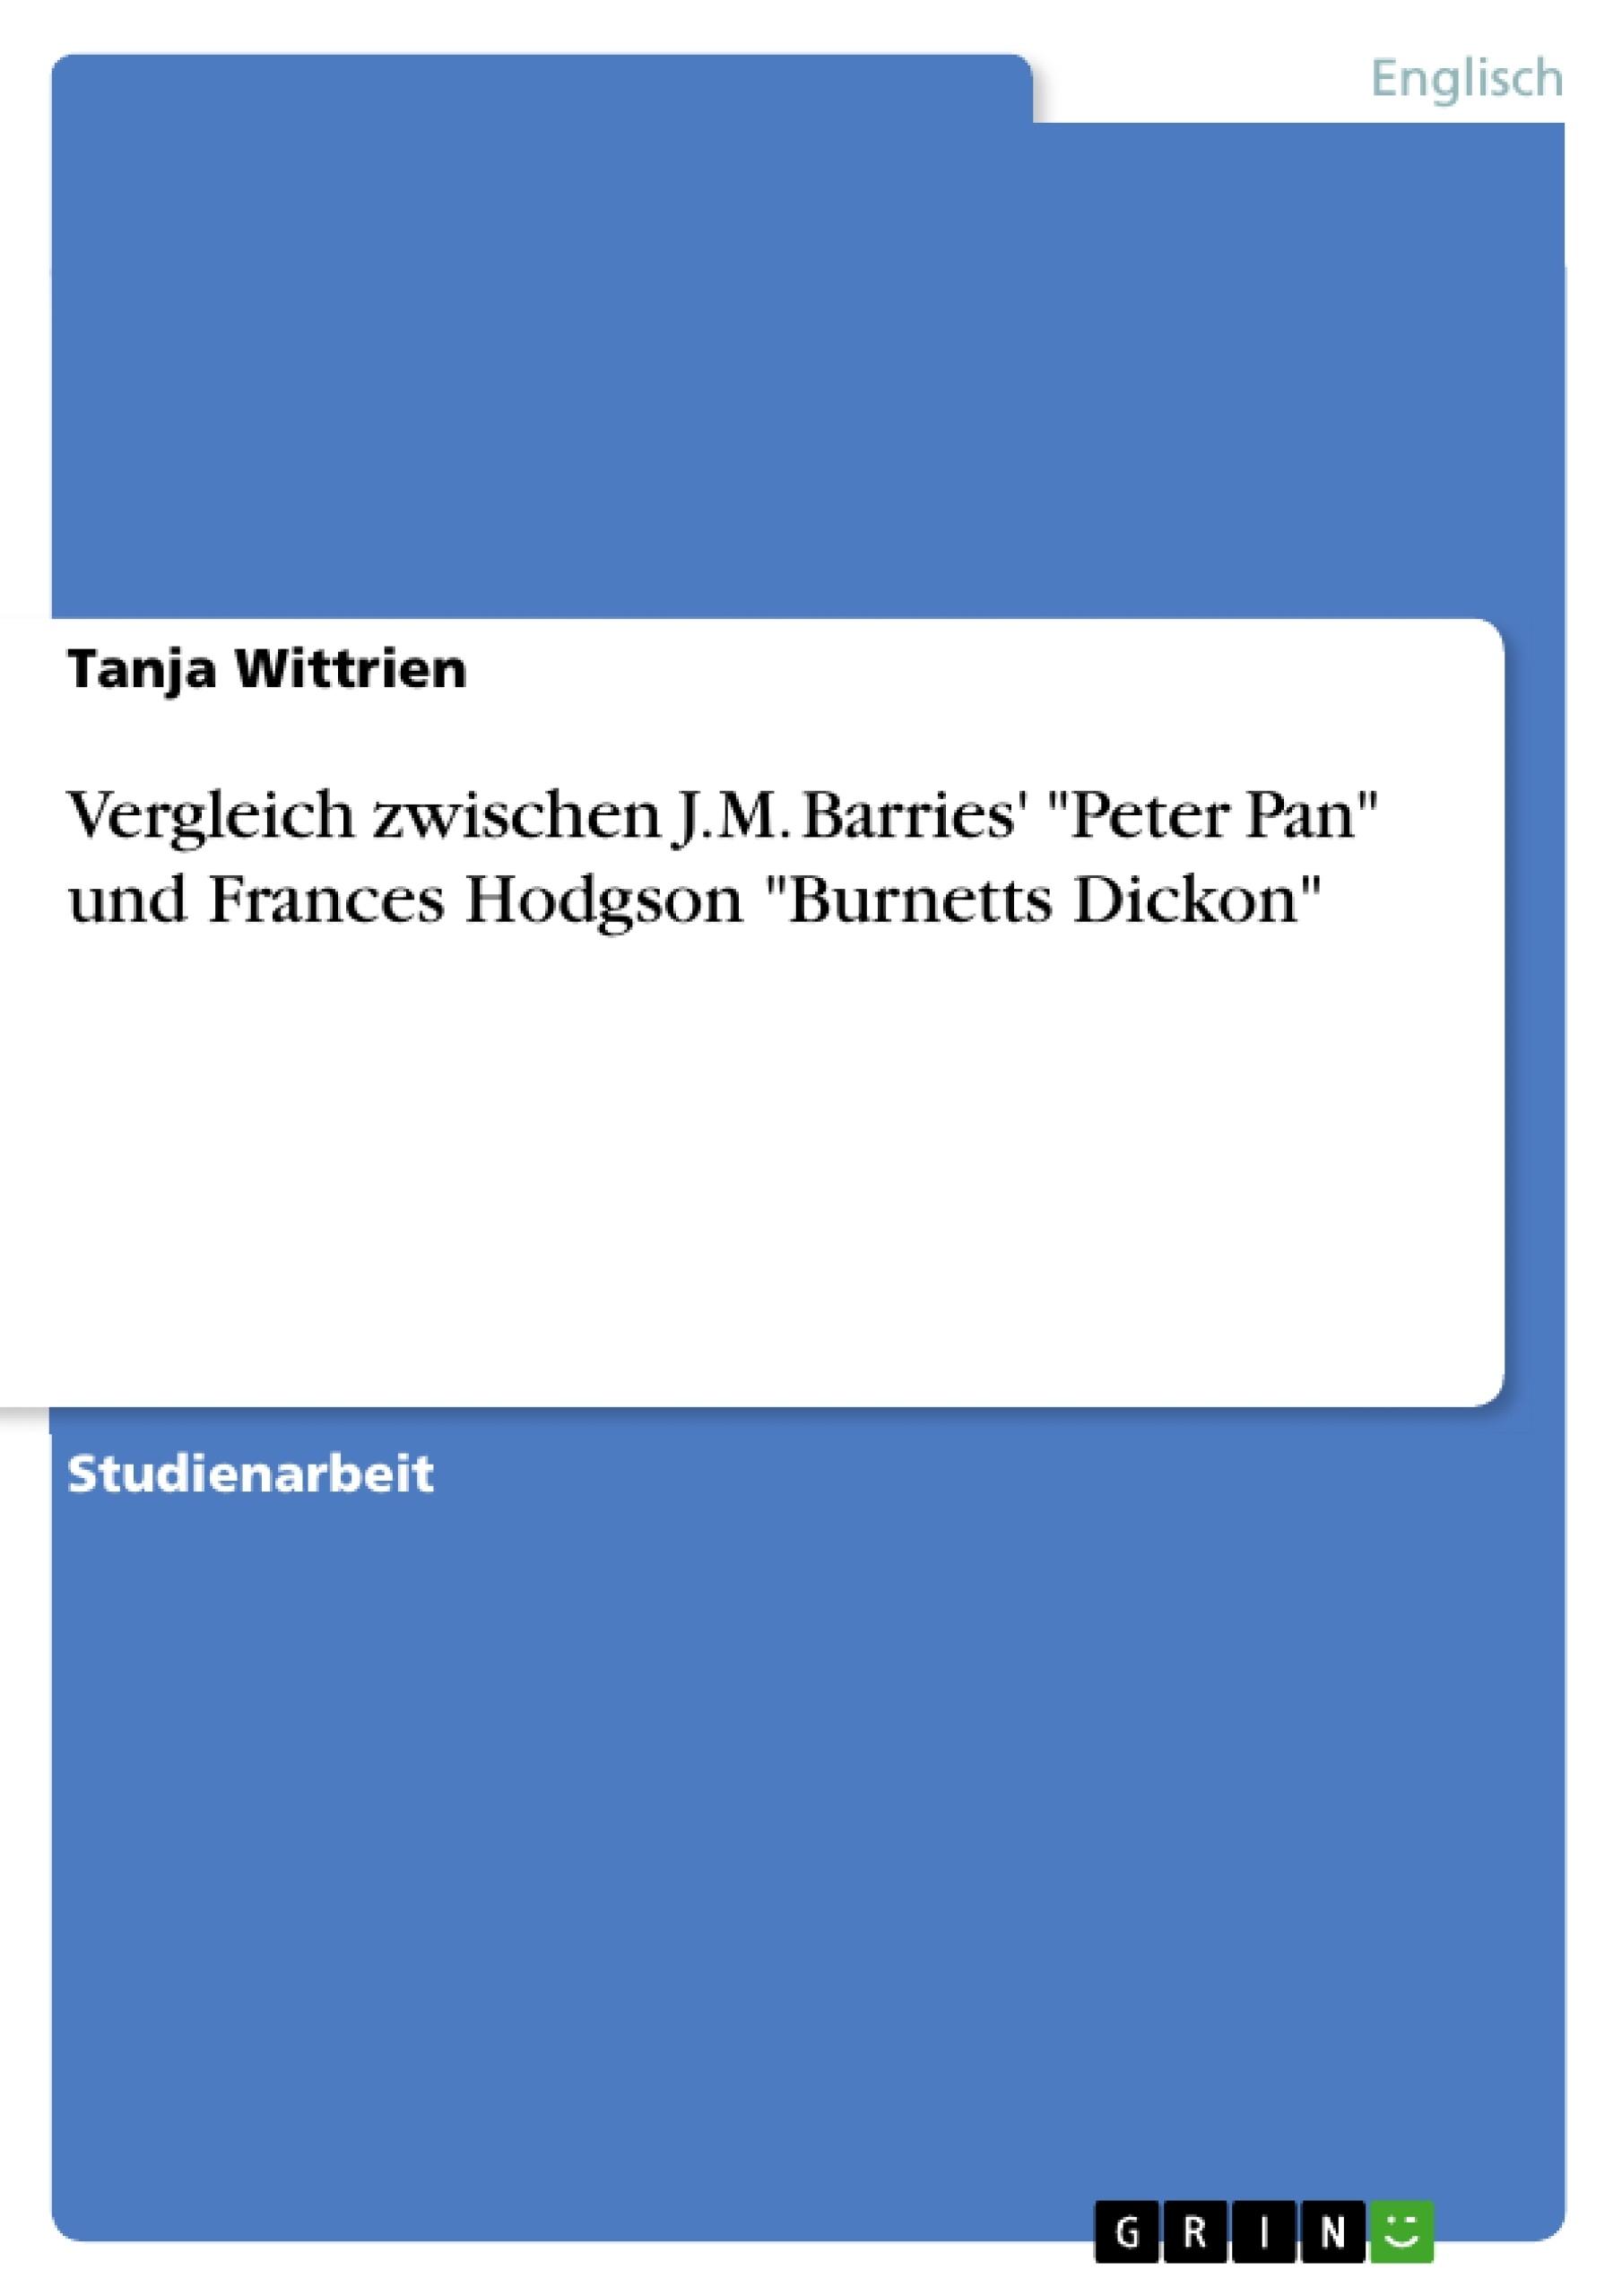 """Titel: Vergleich zwischen J.M. Barries' """"Peter Pan"""" und Frances Hodgson """"Burnetts Dickon"""""""